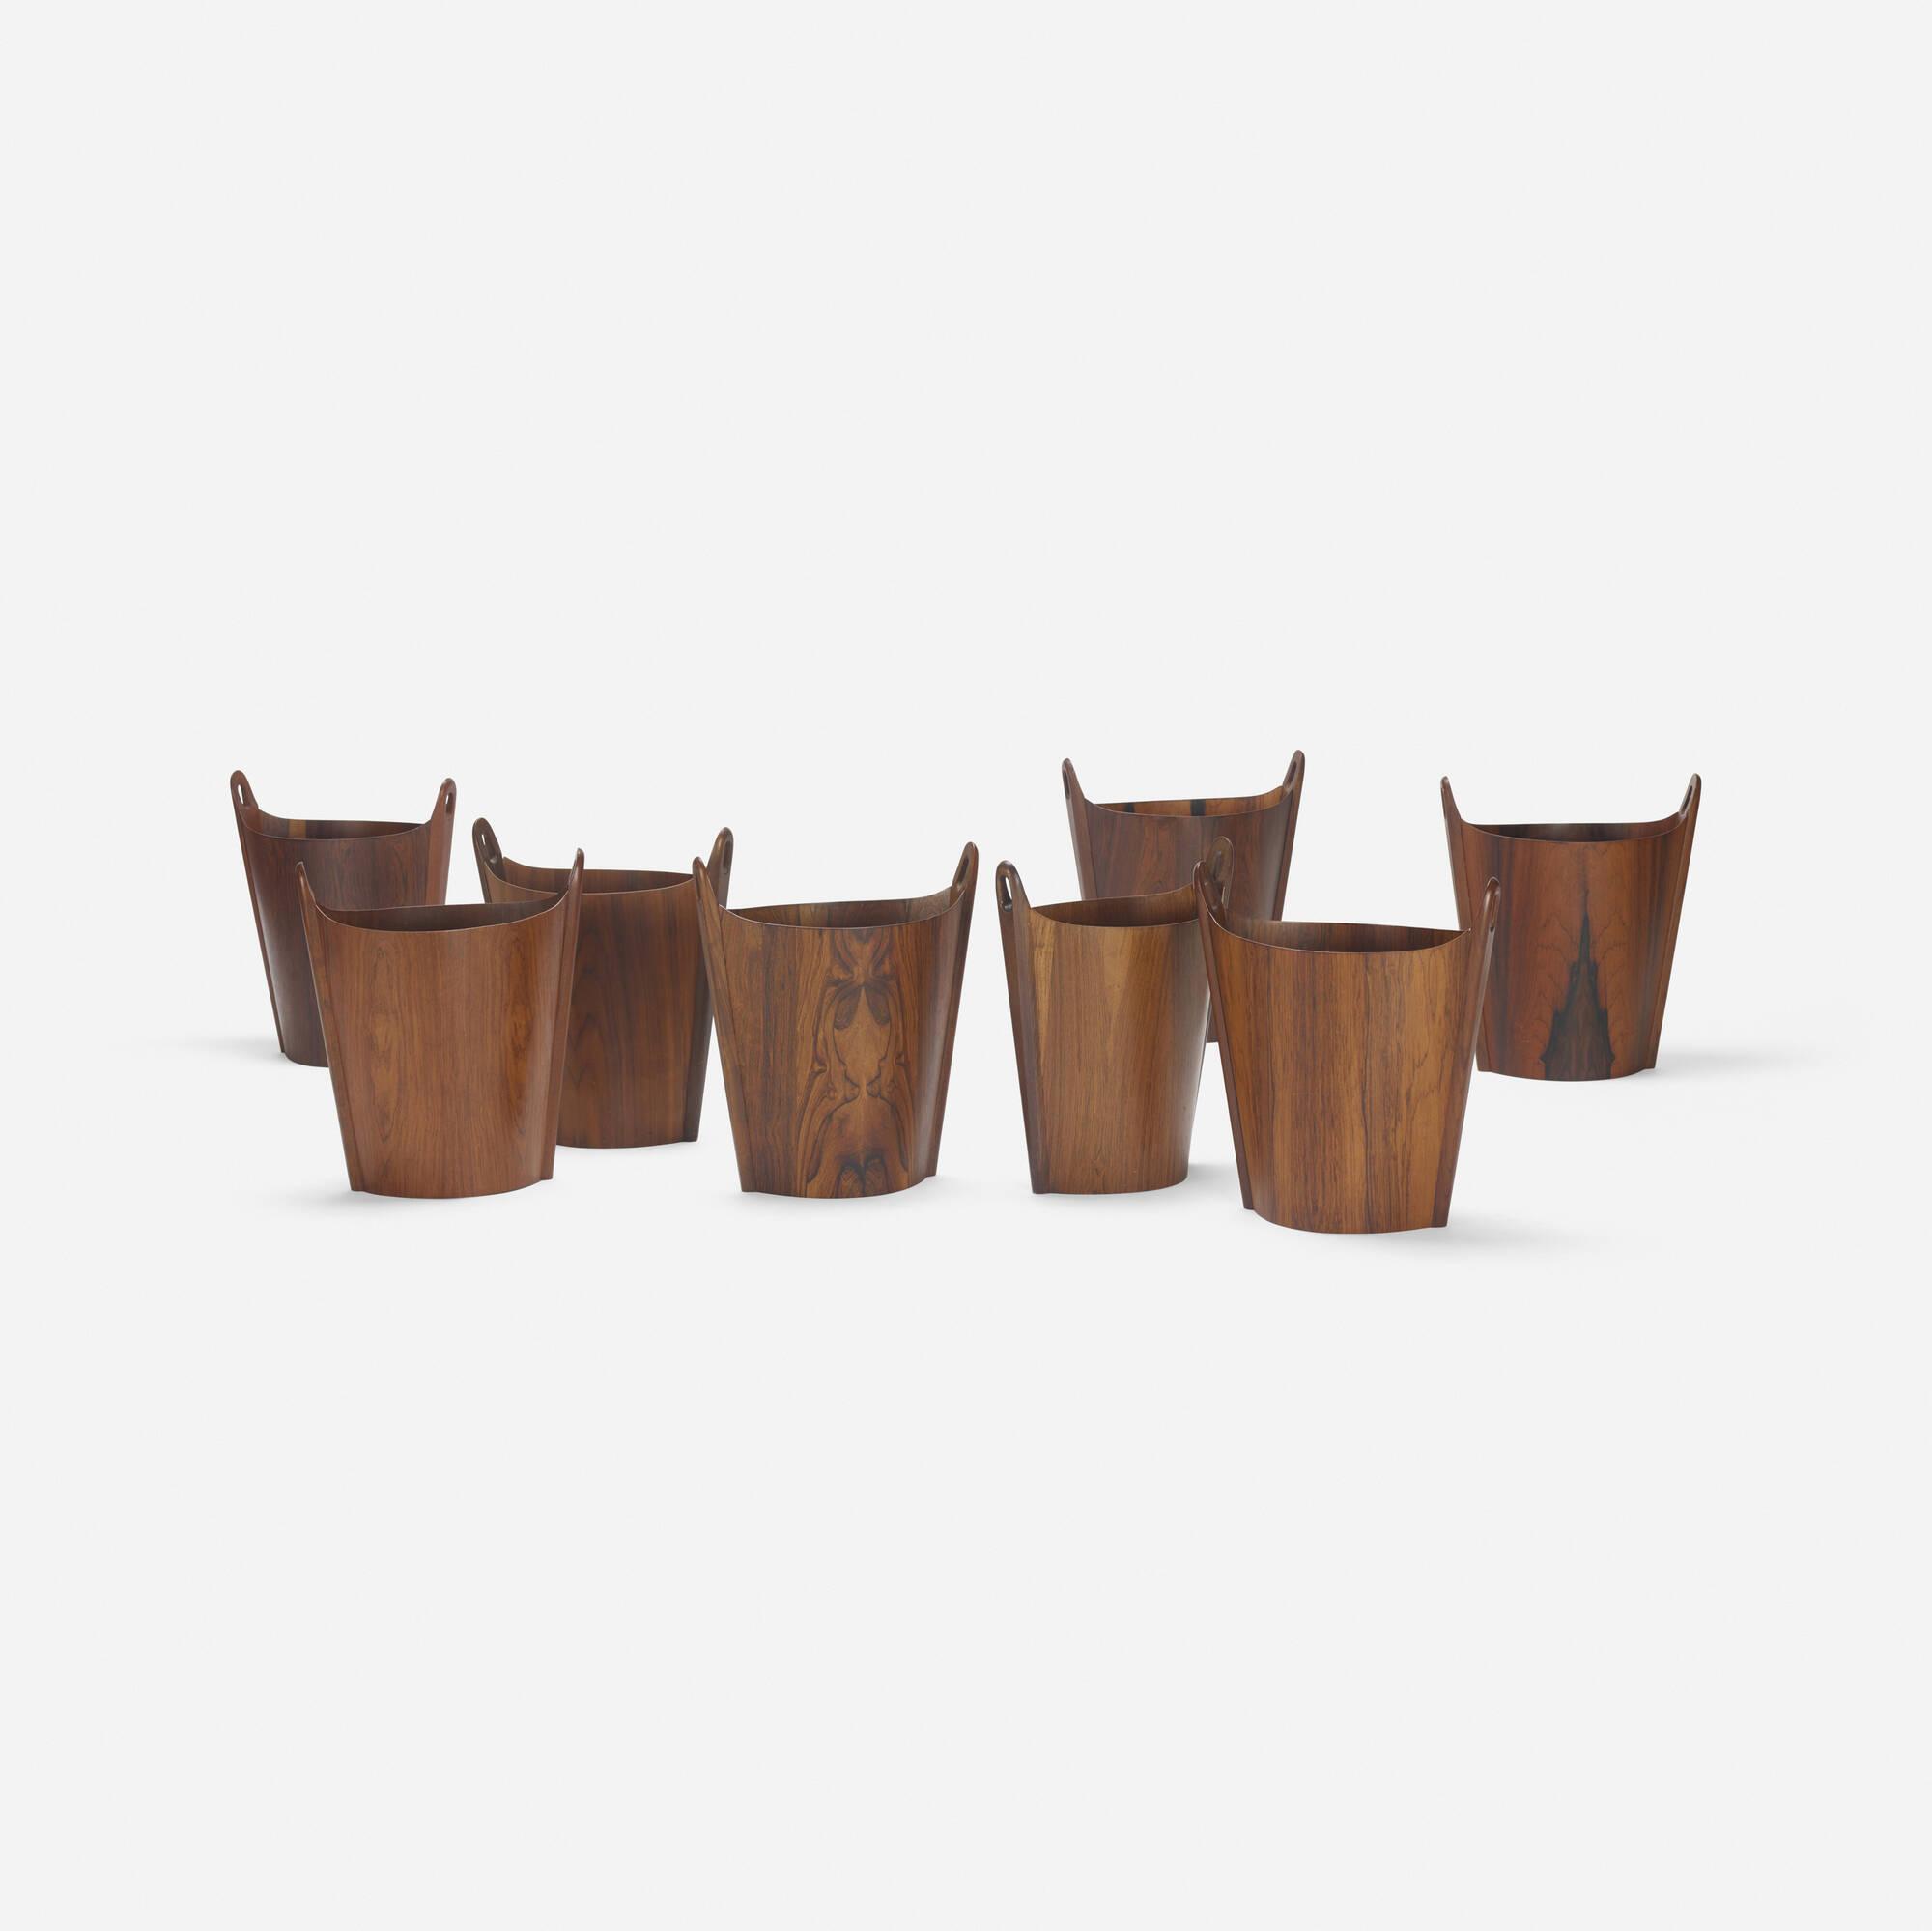 345: P.S. Heggen / wastepaper baskets, set of eight (2 of 2)